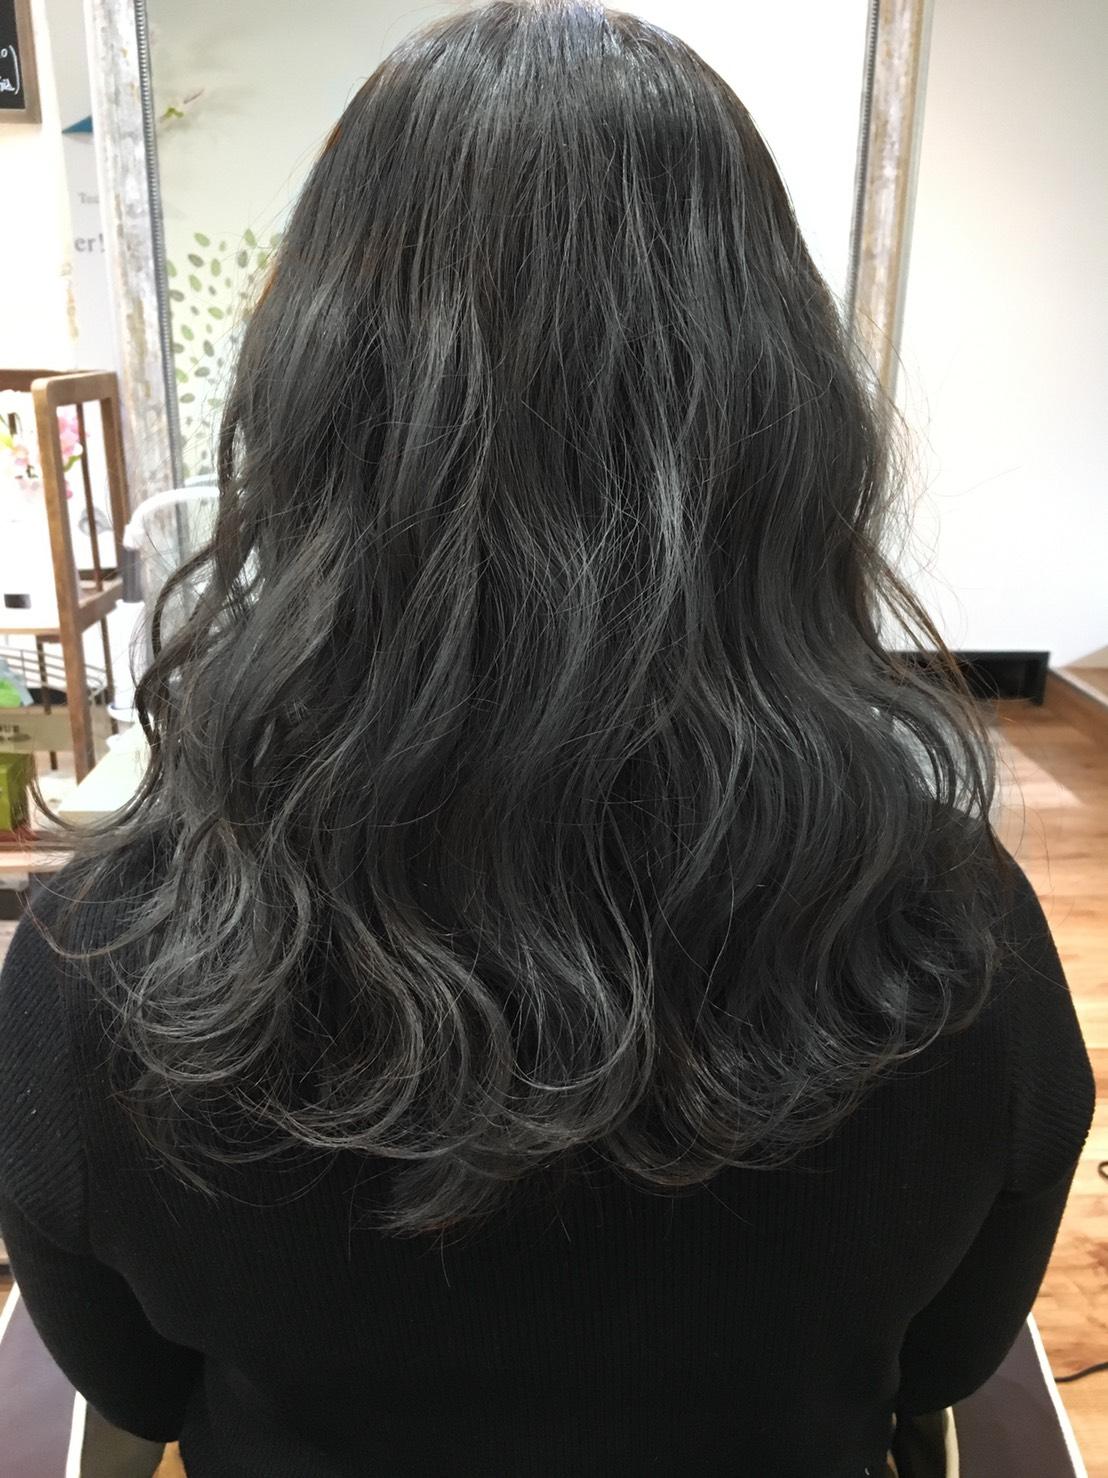 S  31023126 - Hair Gallery